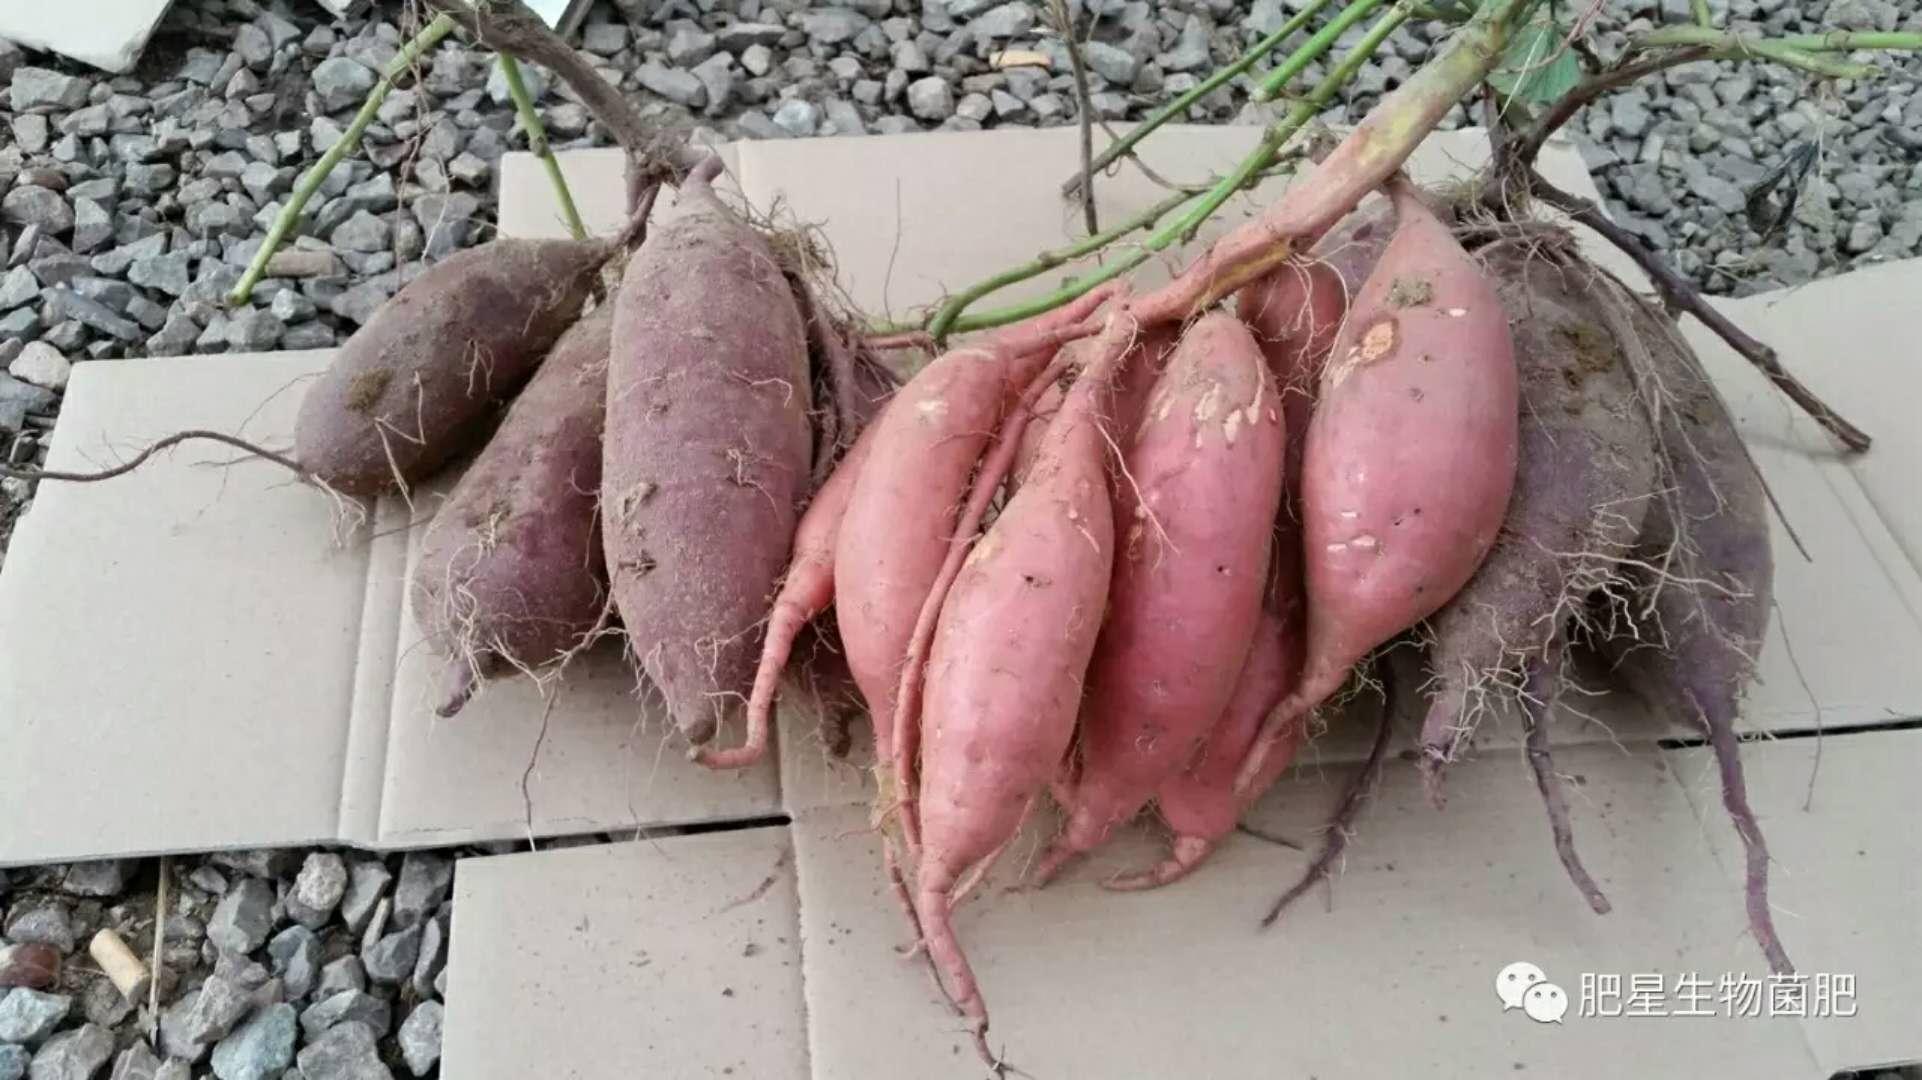 谁家的红薯咋这么好吃?